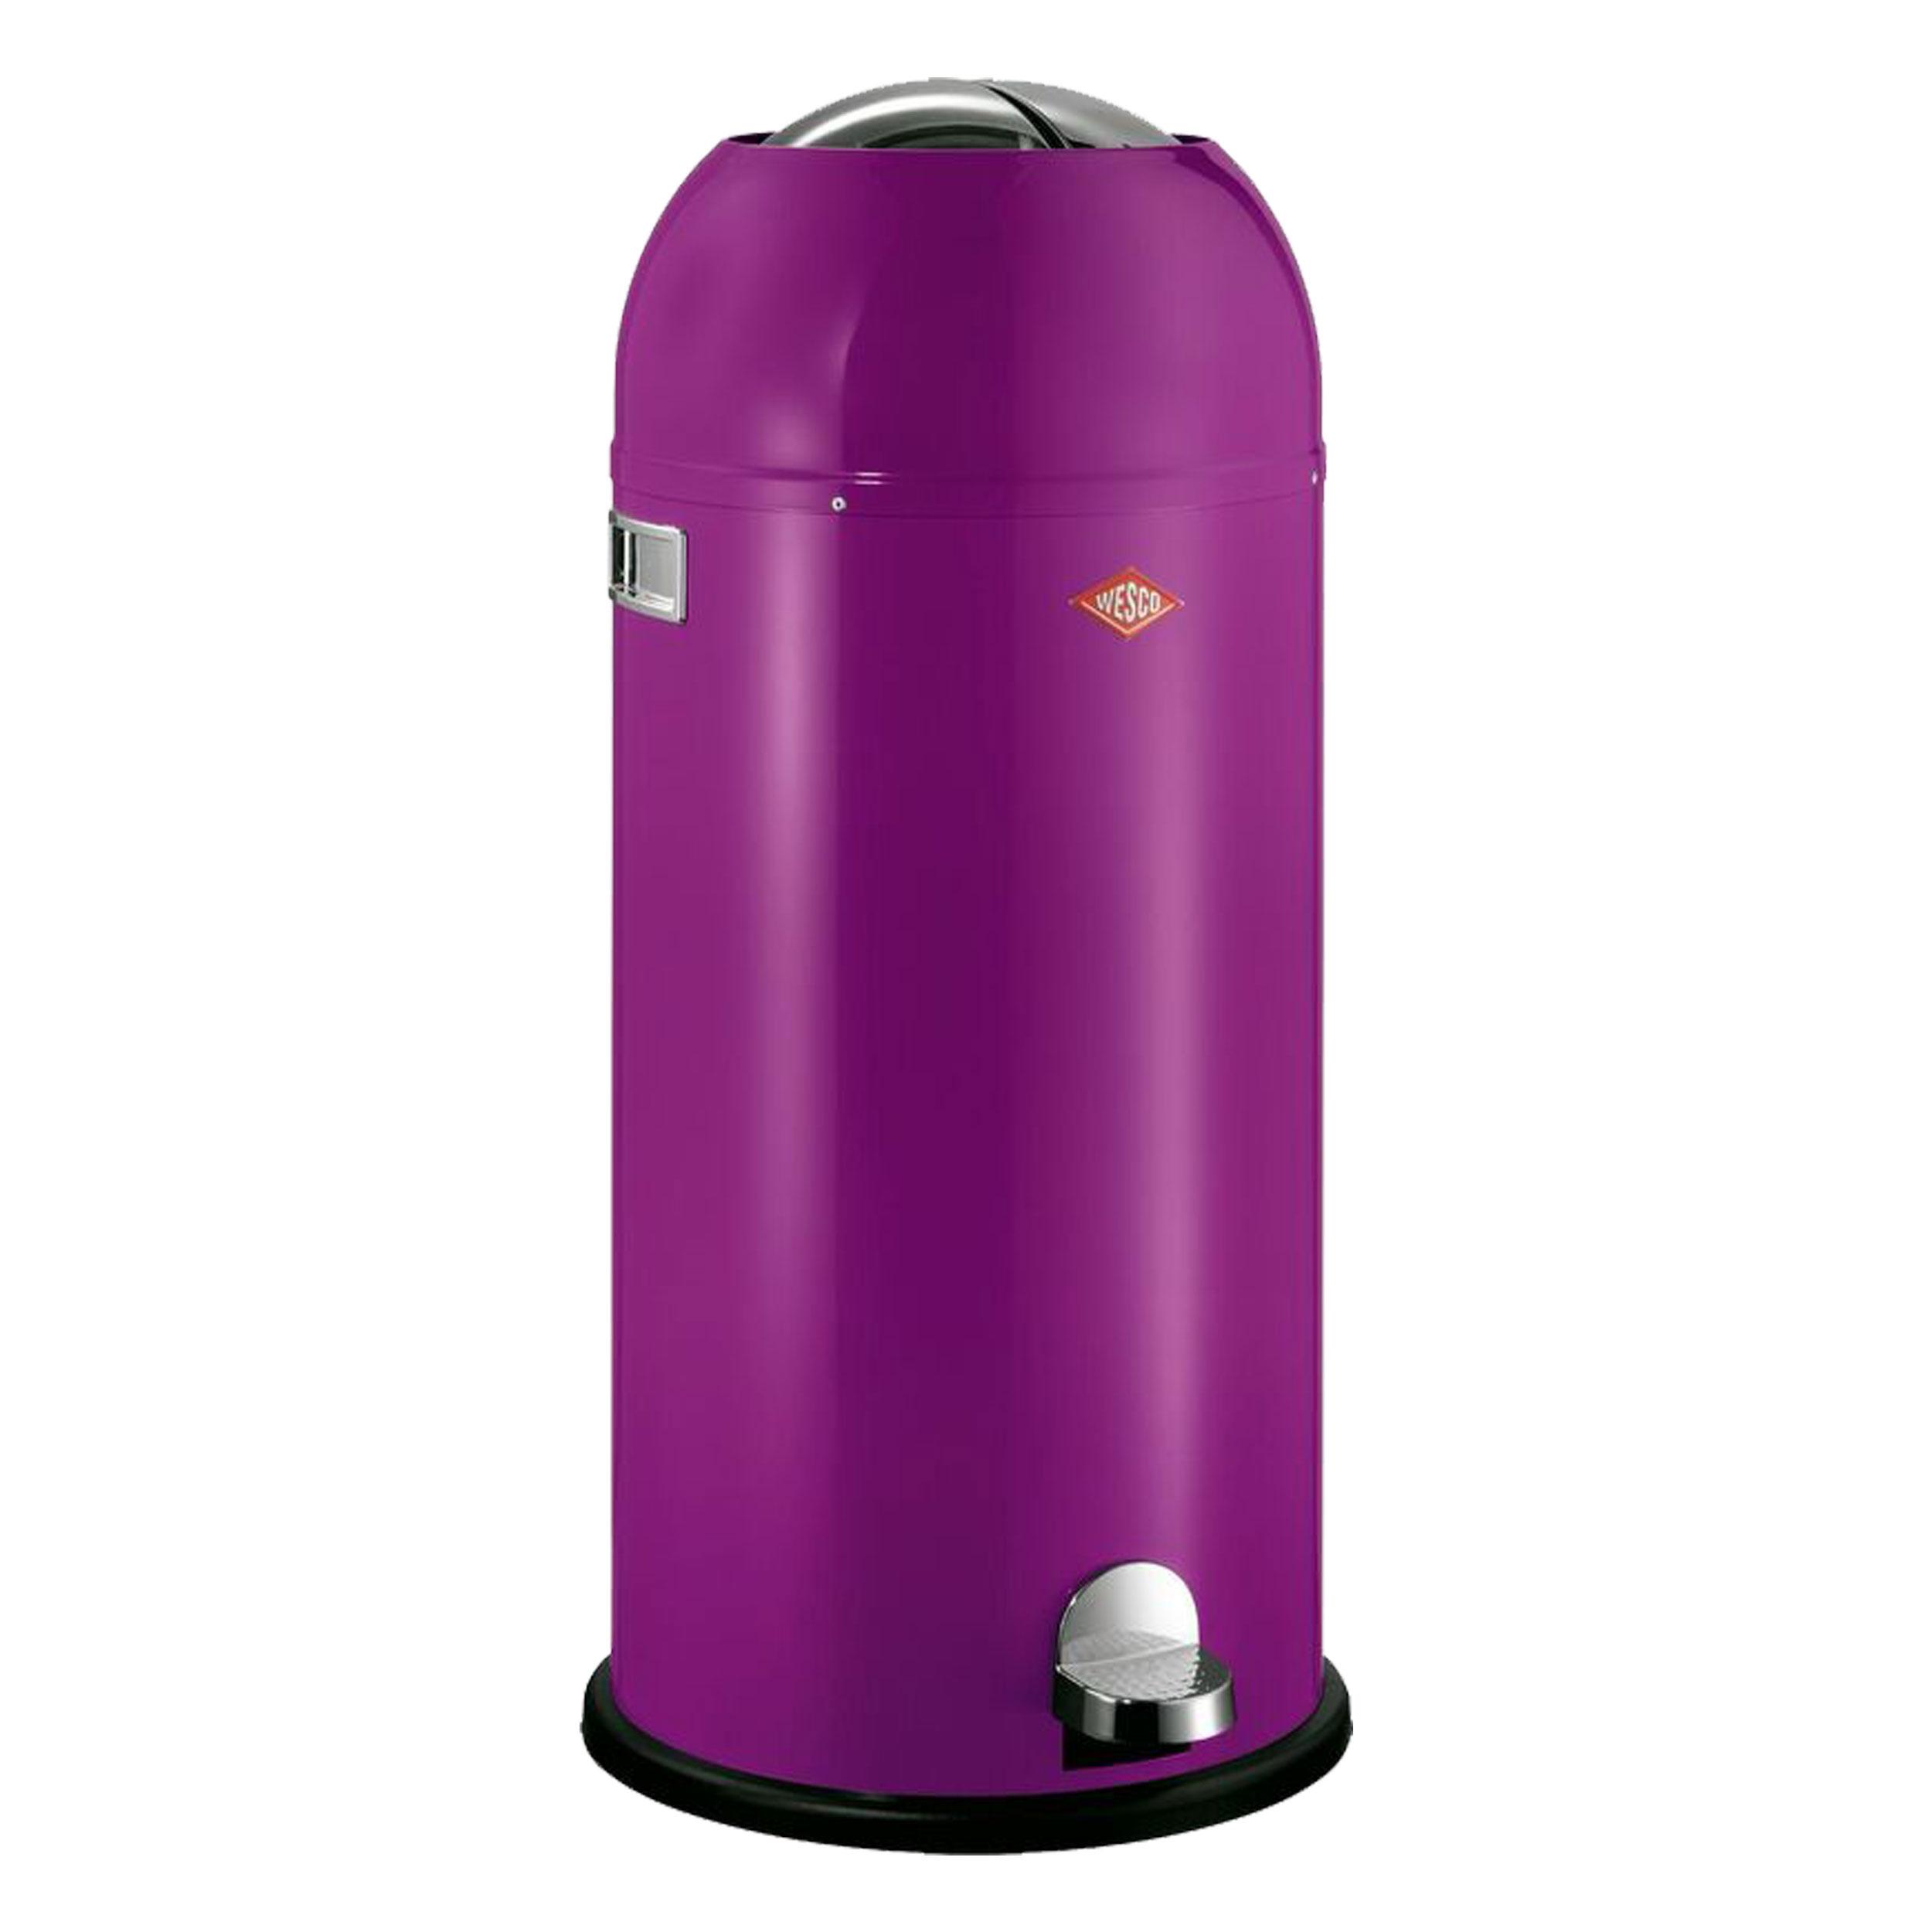 Wesco Kickboy 40 Liter Paars.Wesco Kickmaster Maxi Waste Bin Pedal Bin Dustbin Blackberry Steel Sheet 40 L 180731 36 At About Tea De Shop